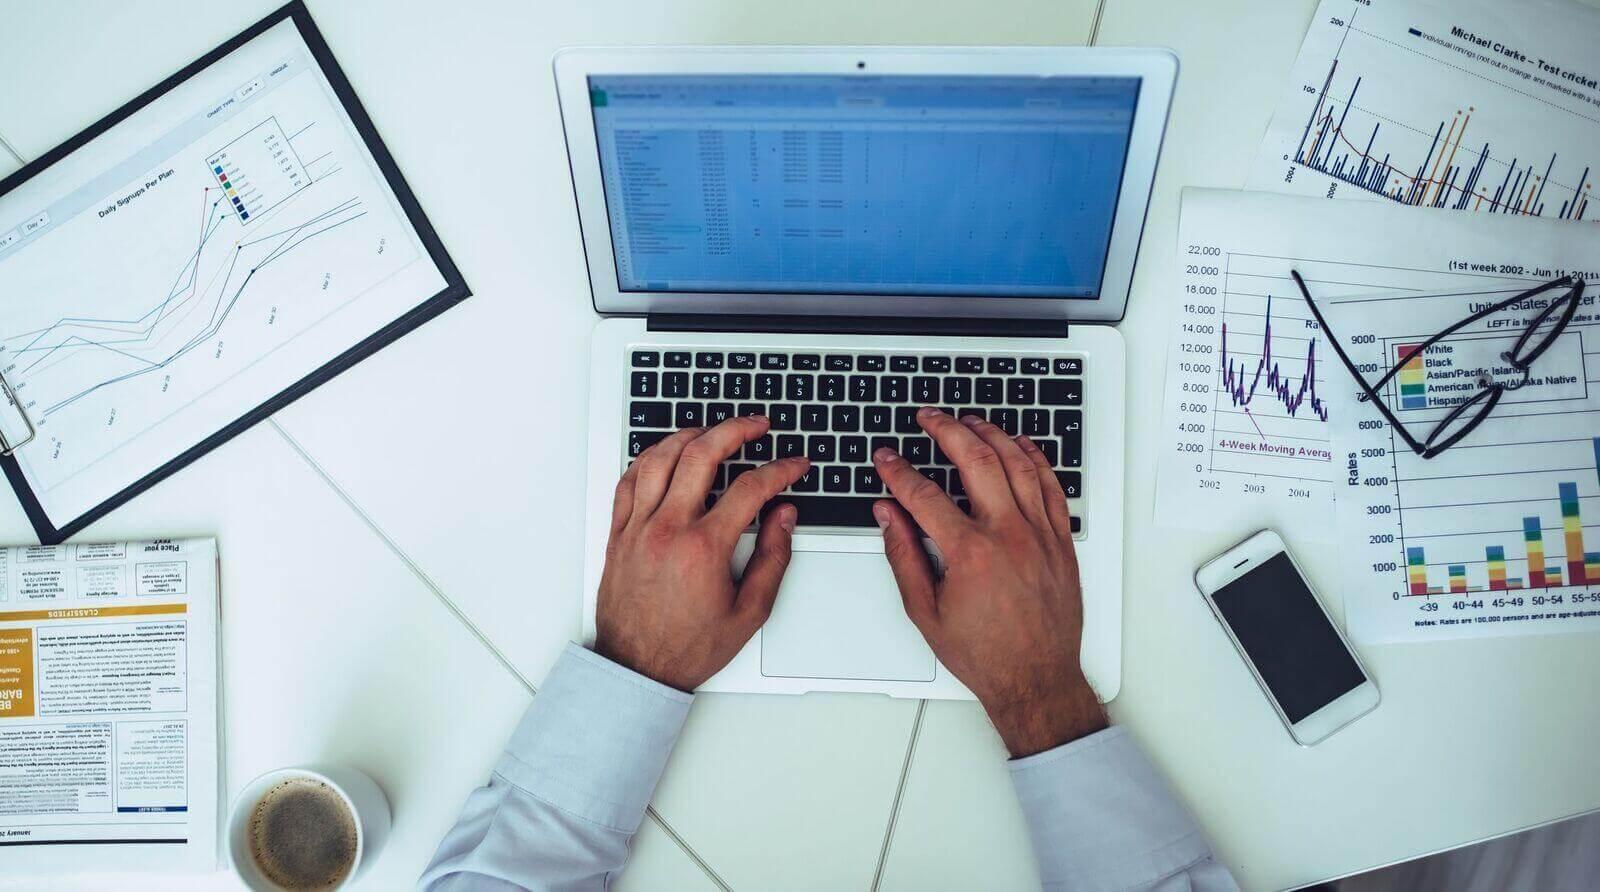 Ferramenta de Gestão: Você está Ultrapassado, e a Culpa é do Excel